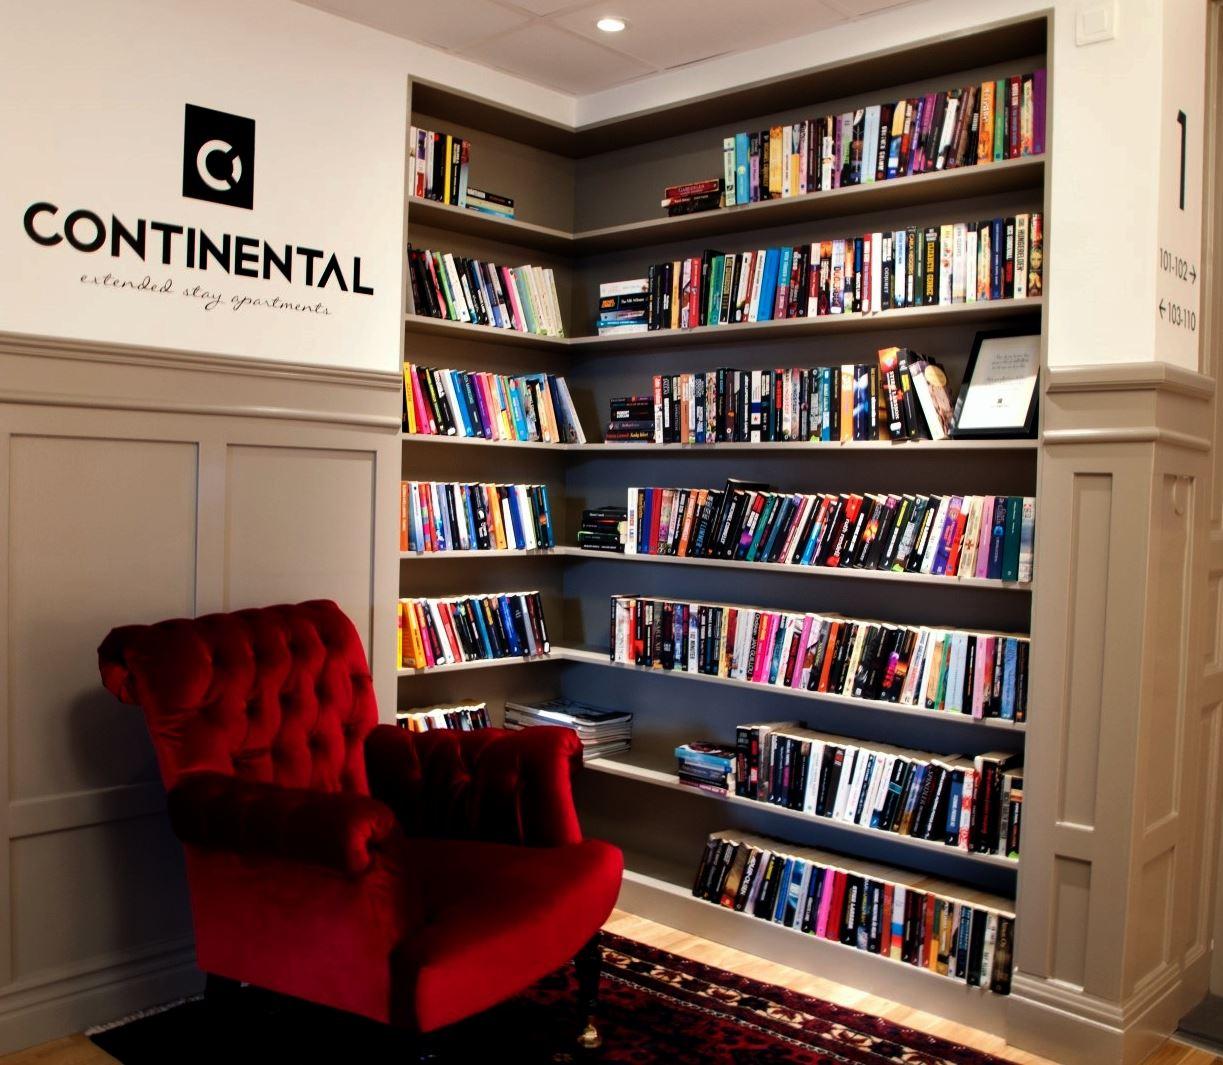 Continental Företagsboende